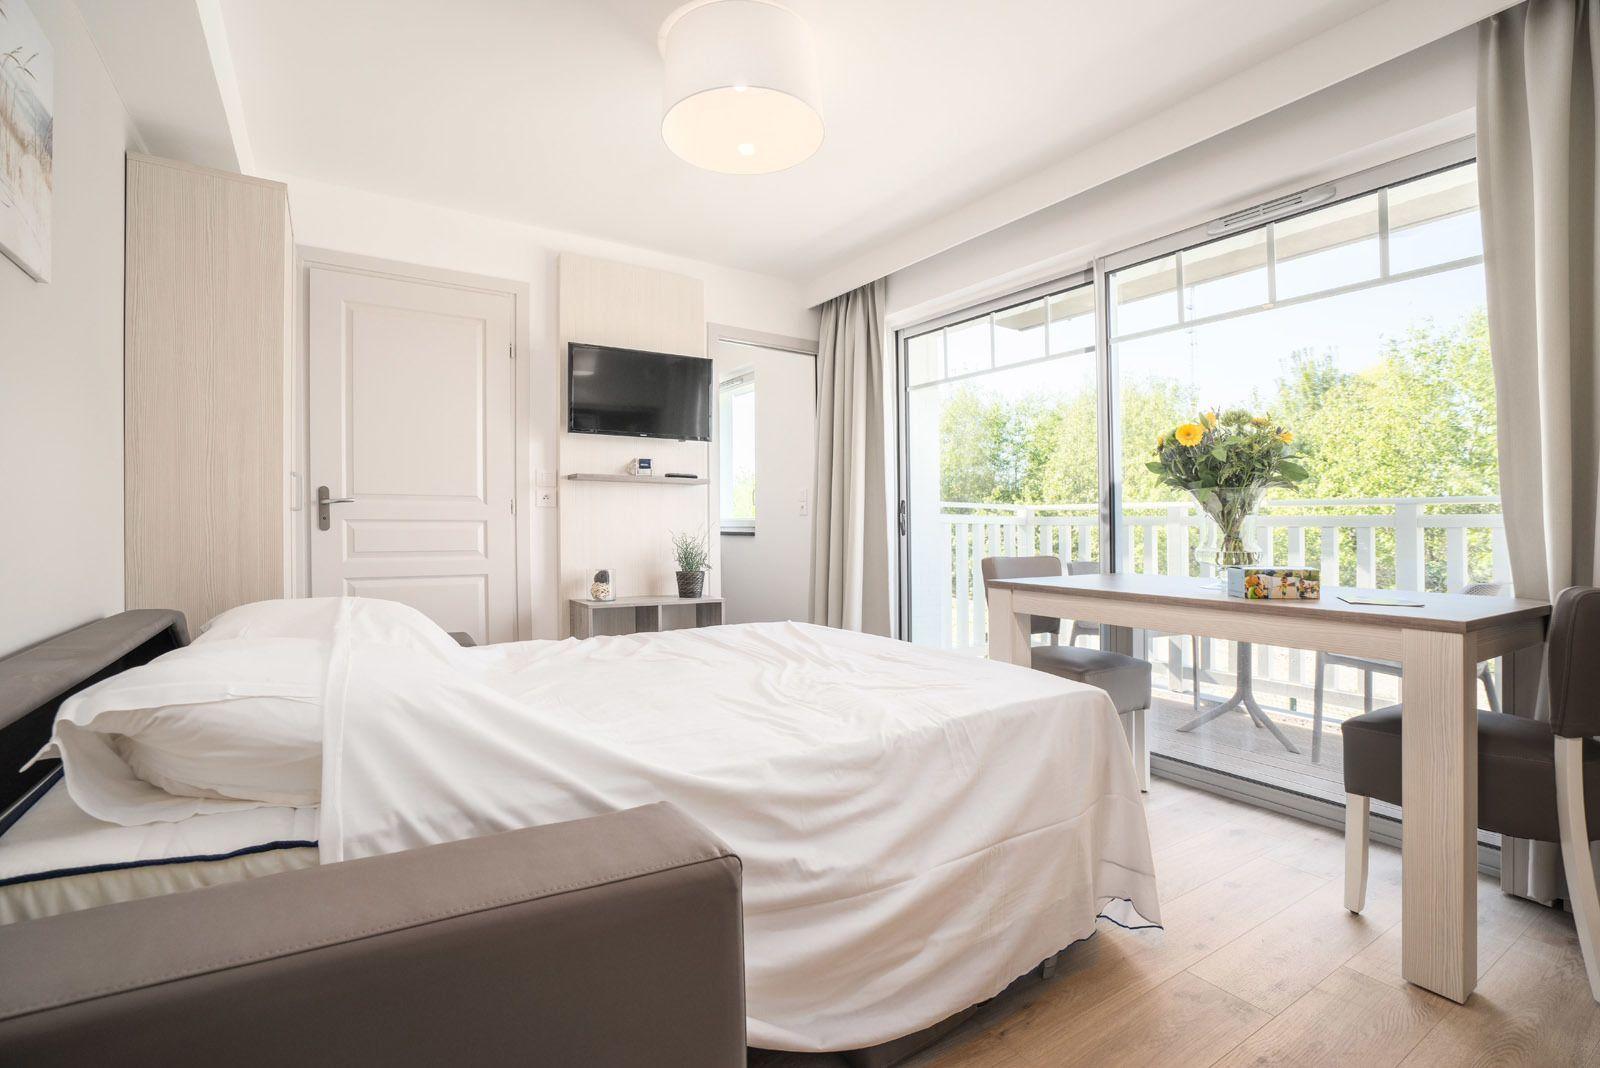 Basic vakantiestudio voor 4 personen met slaapbank en balkon